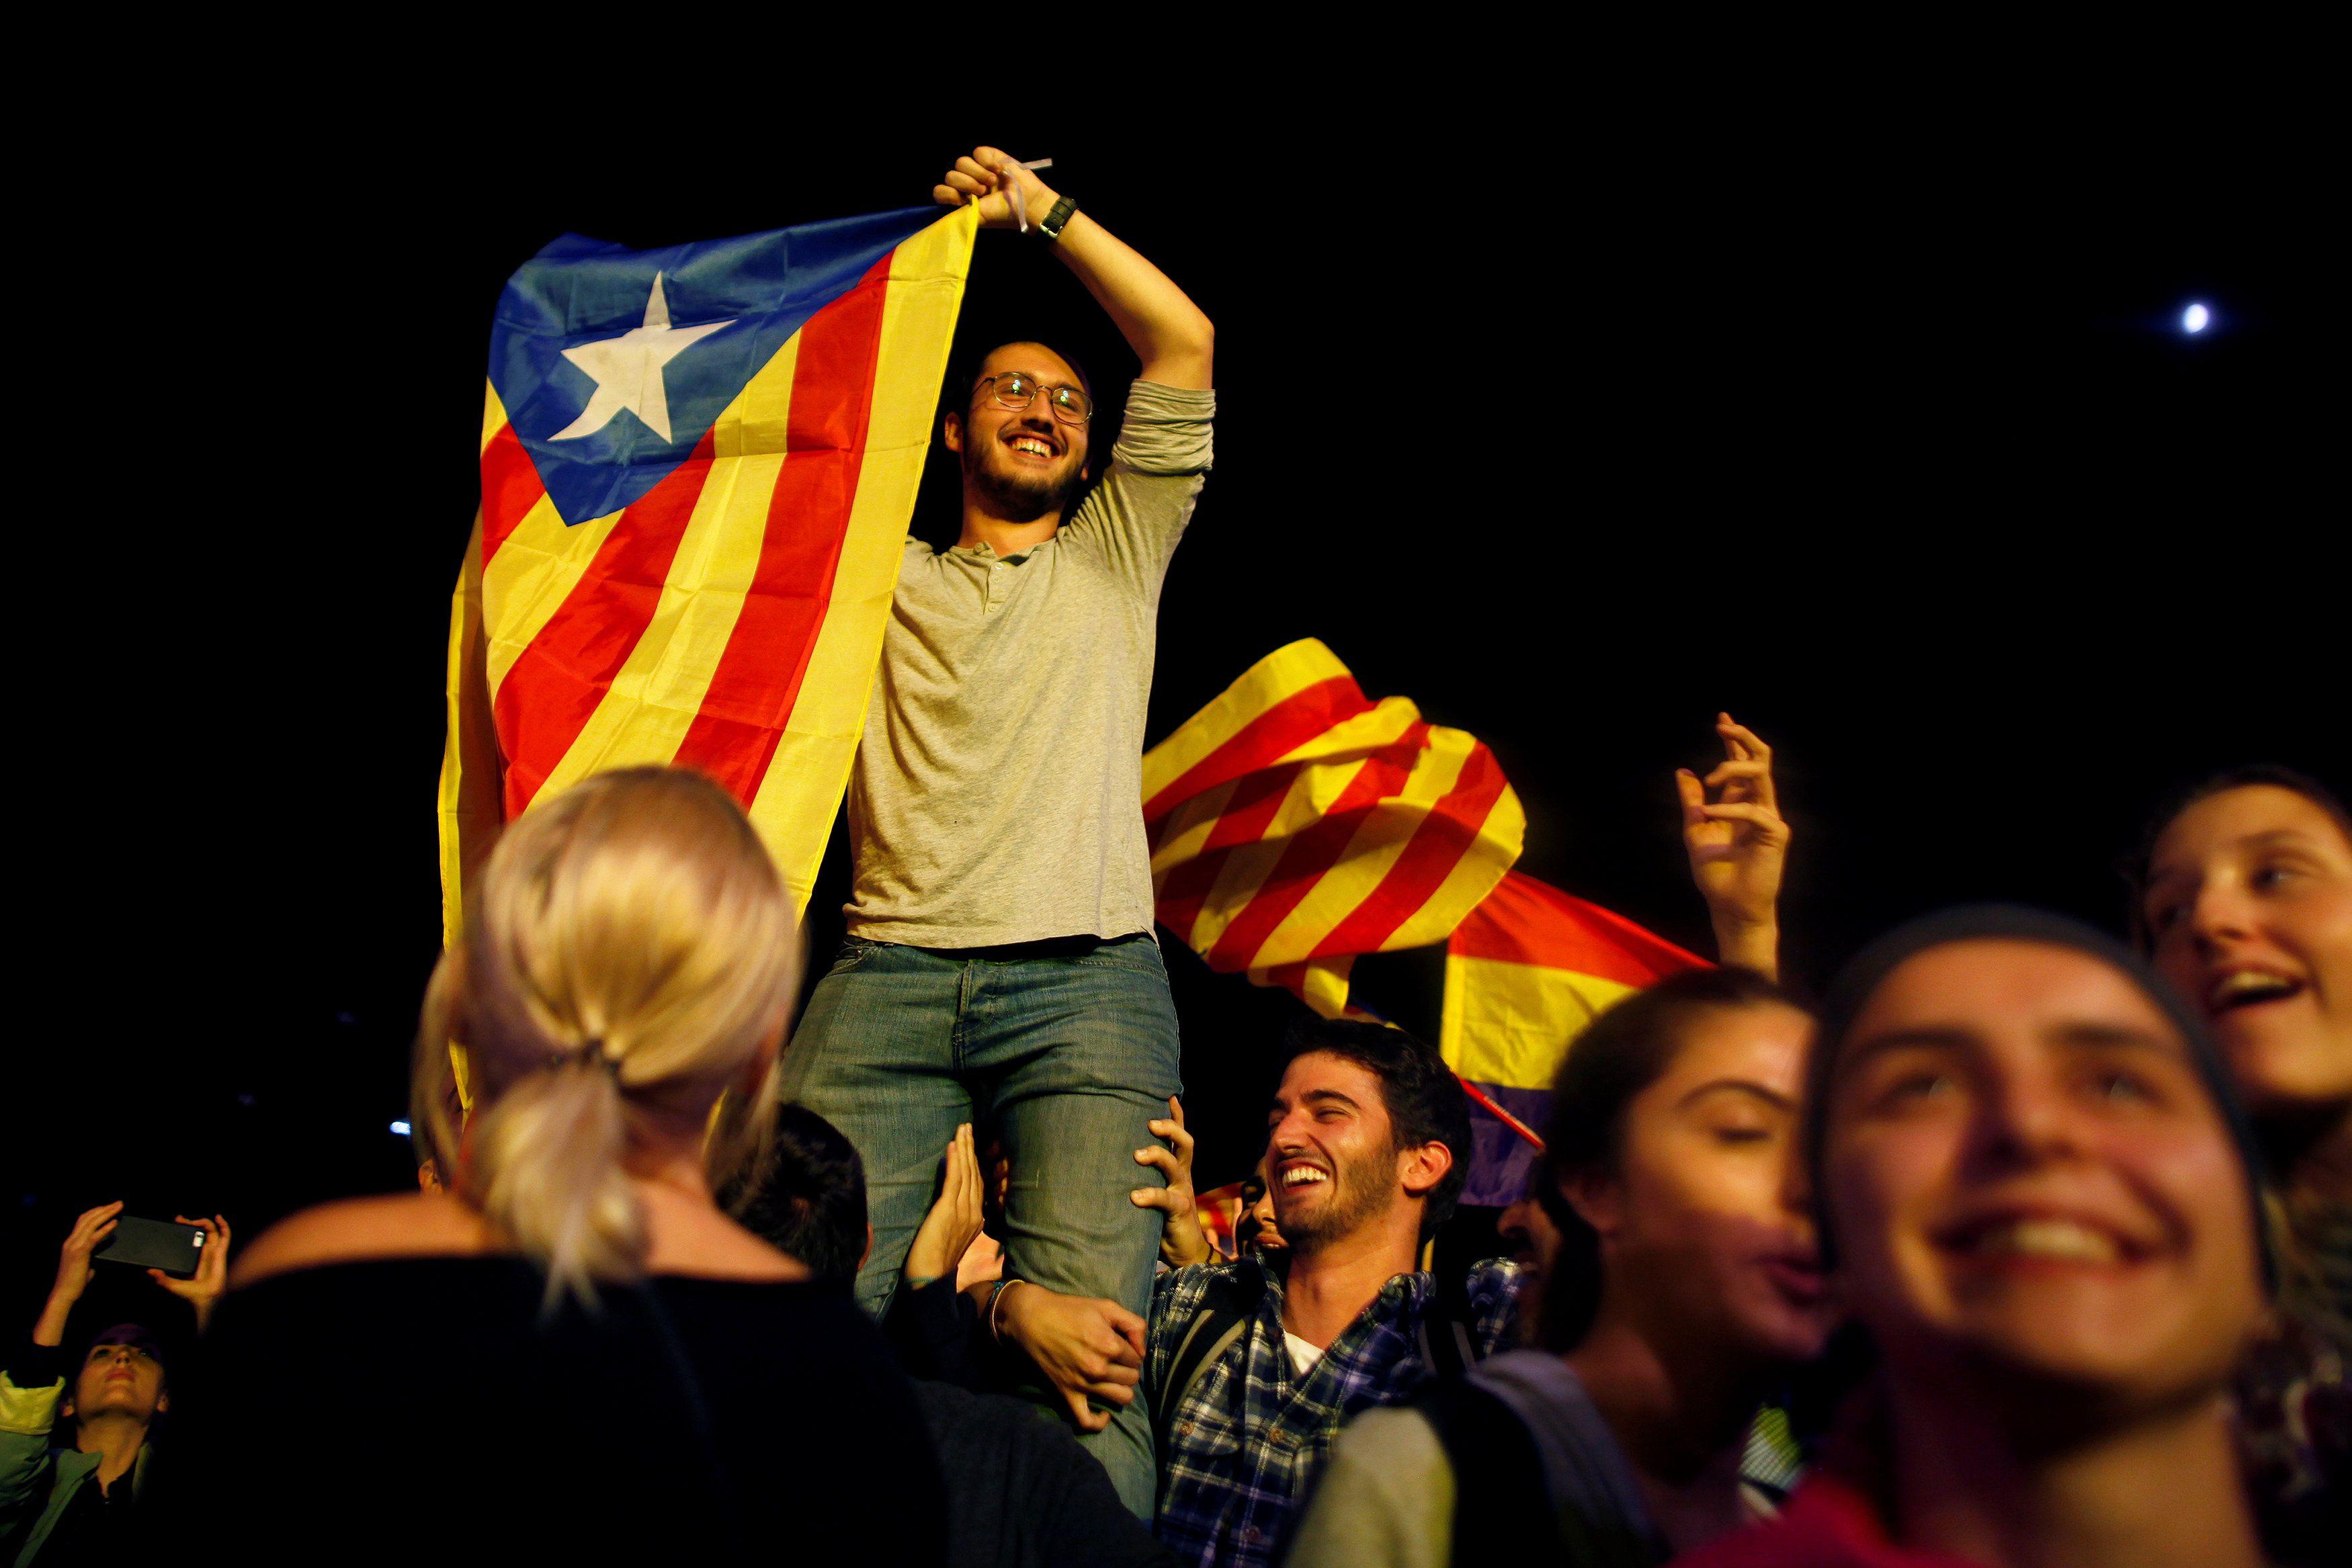 Референдум в Каталонии, иллюстрация.